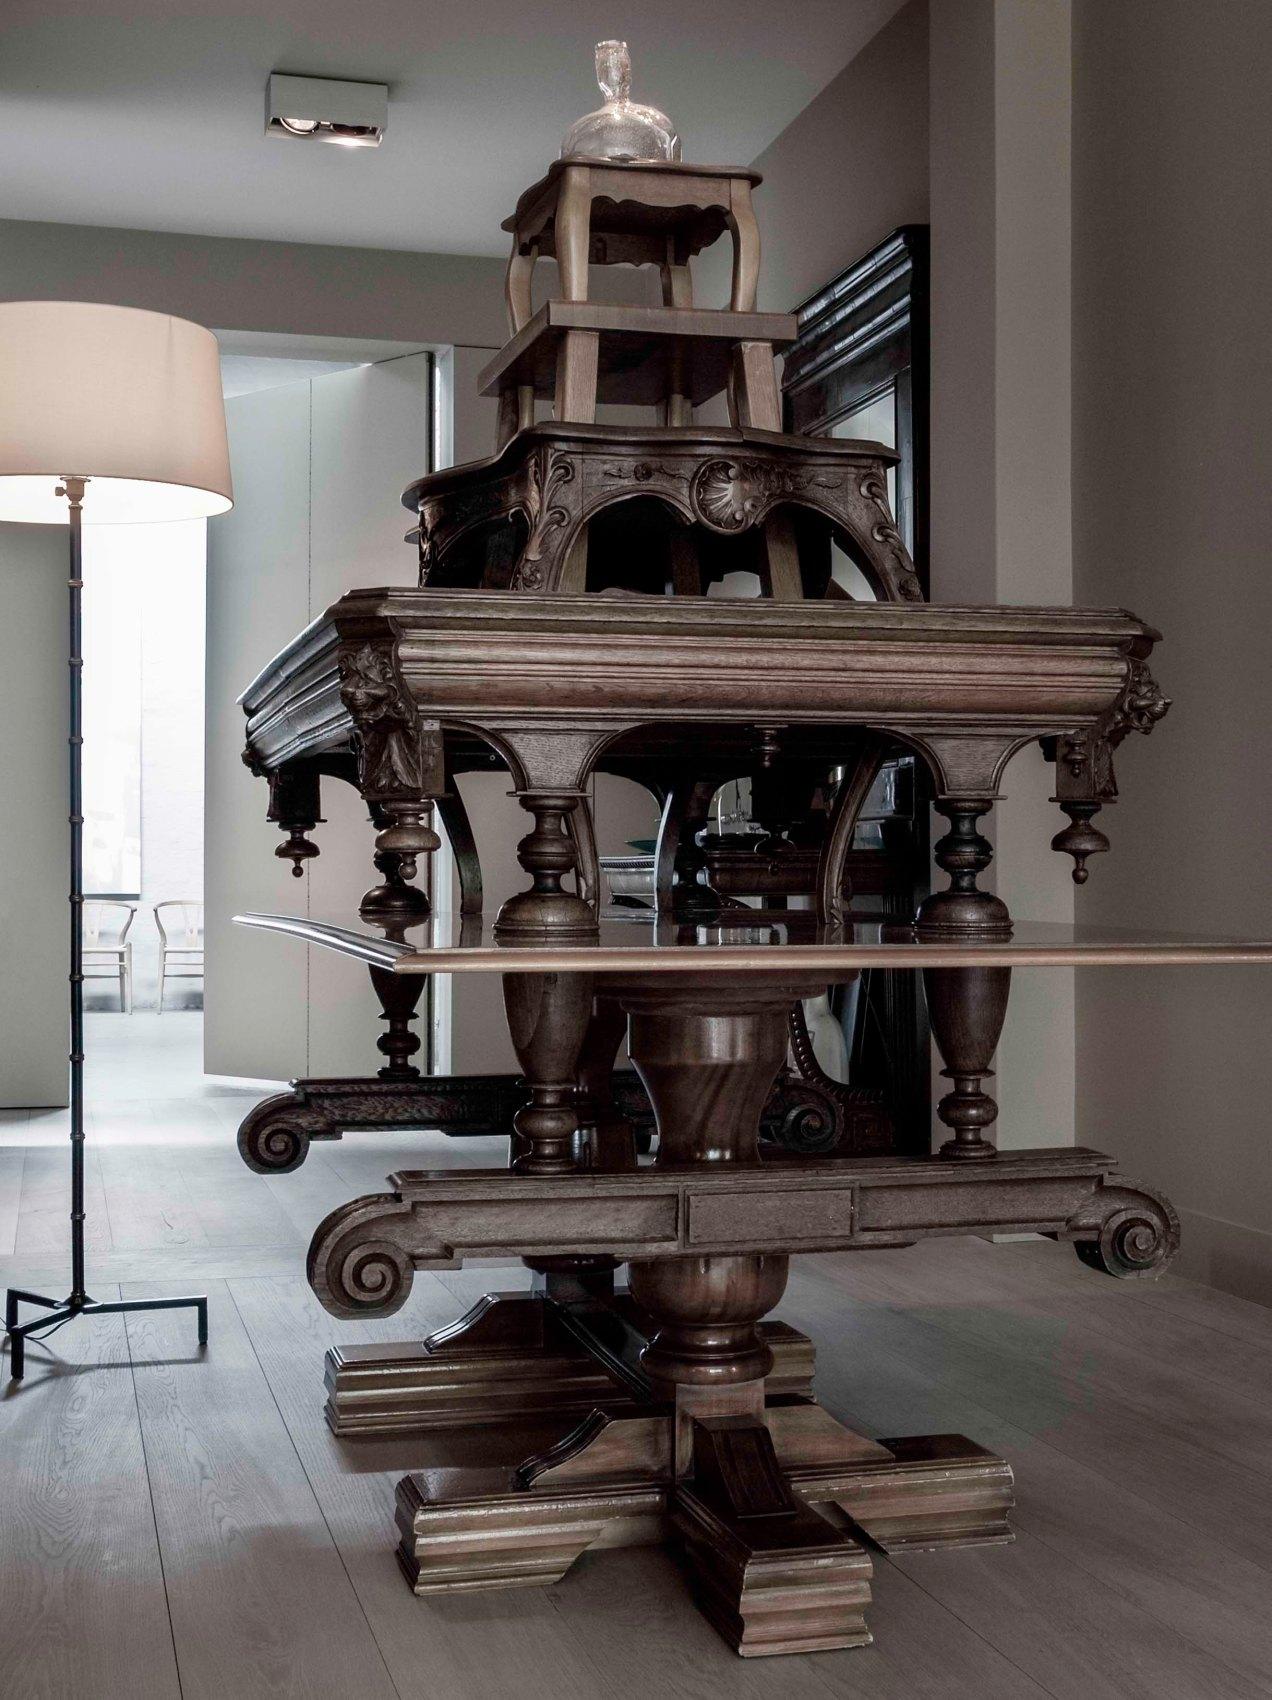 uil, sculpture, Belgique, gildalliere, 2018